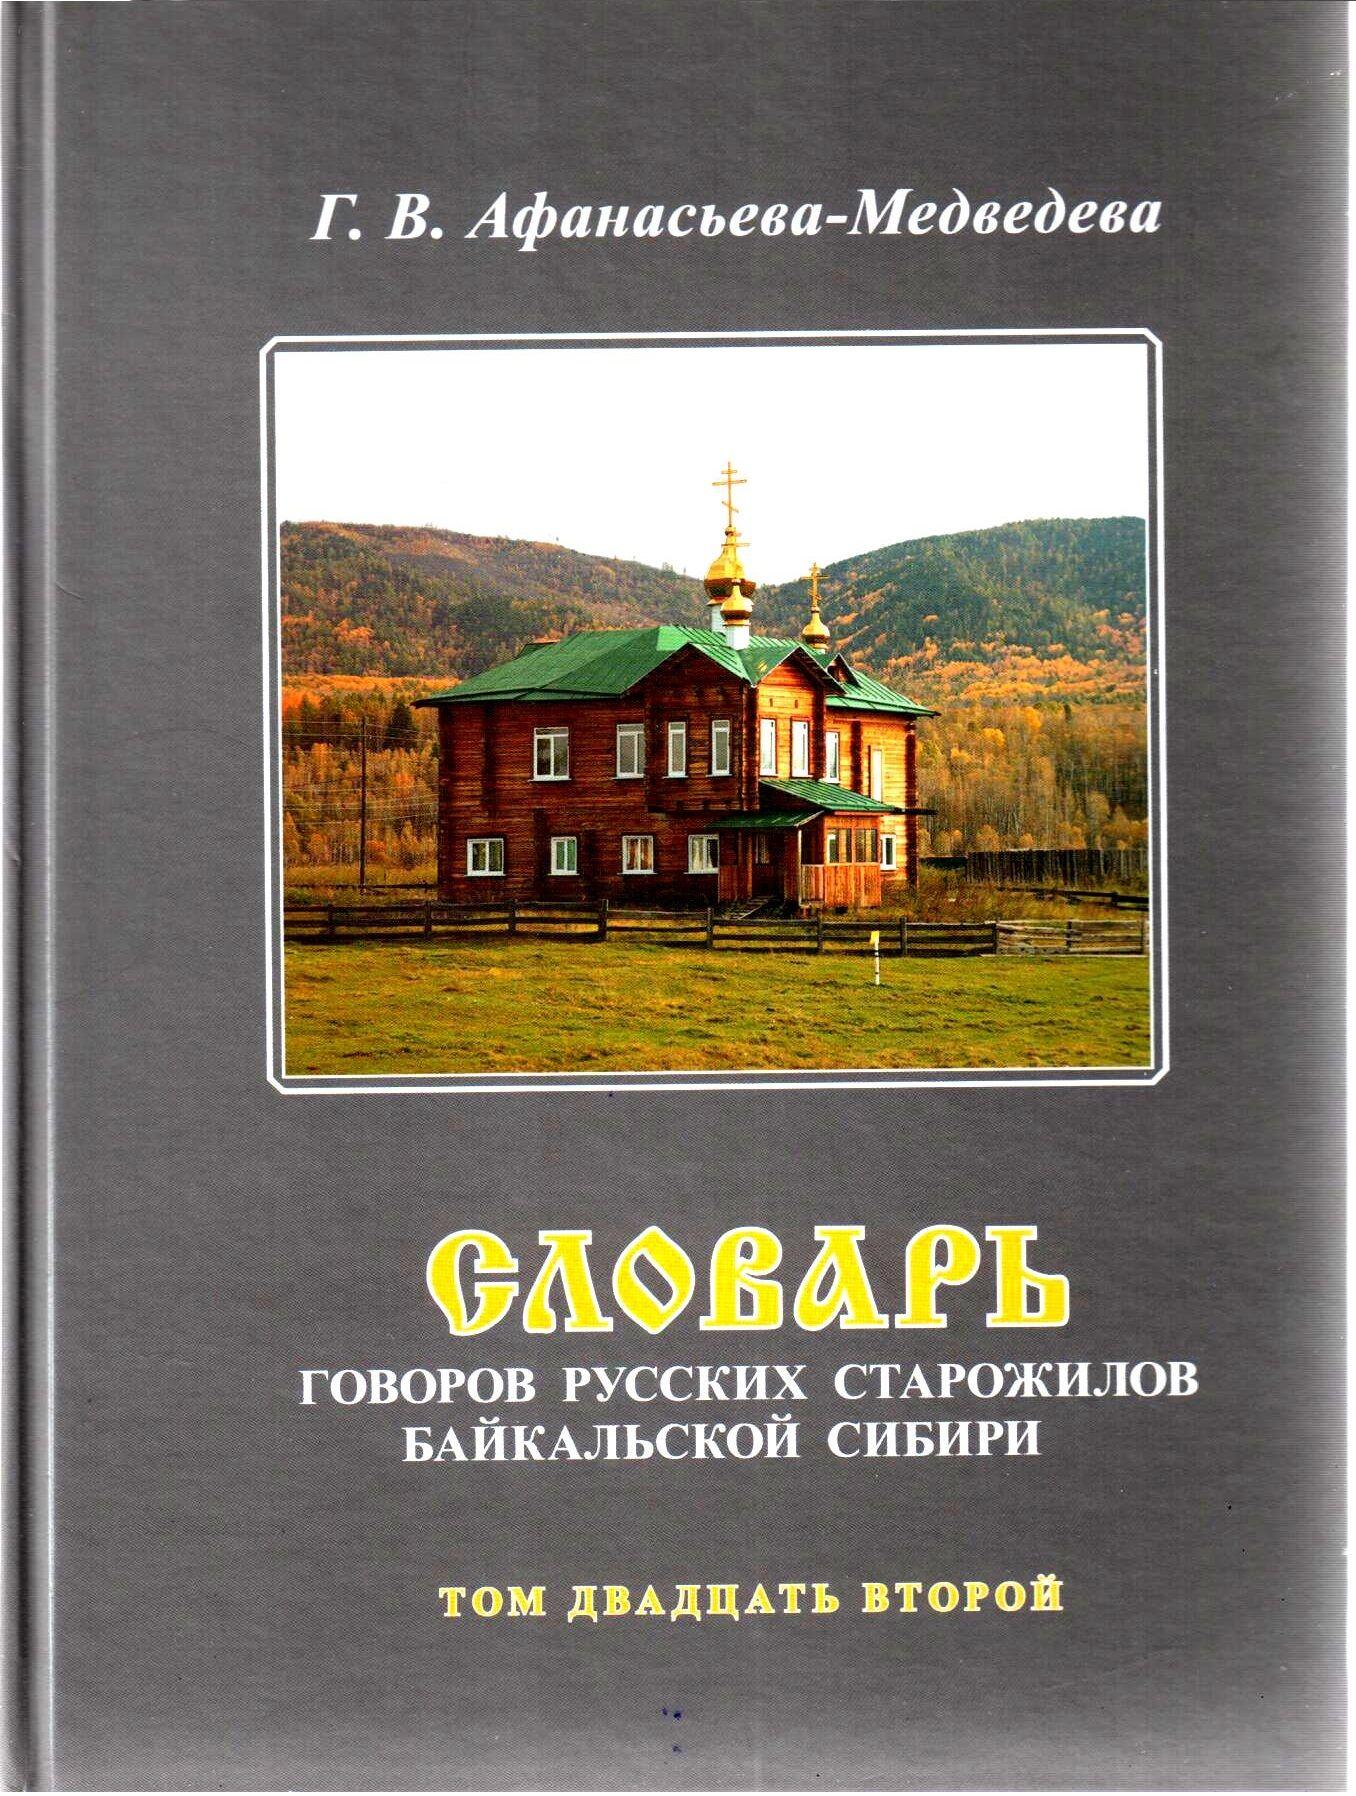 Словарь говоров русских старожилов байкальской Сибири Т.22